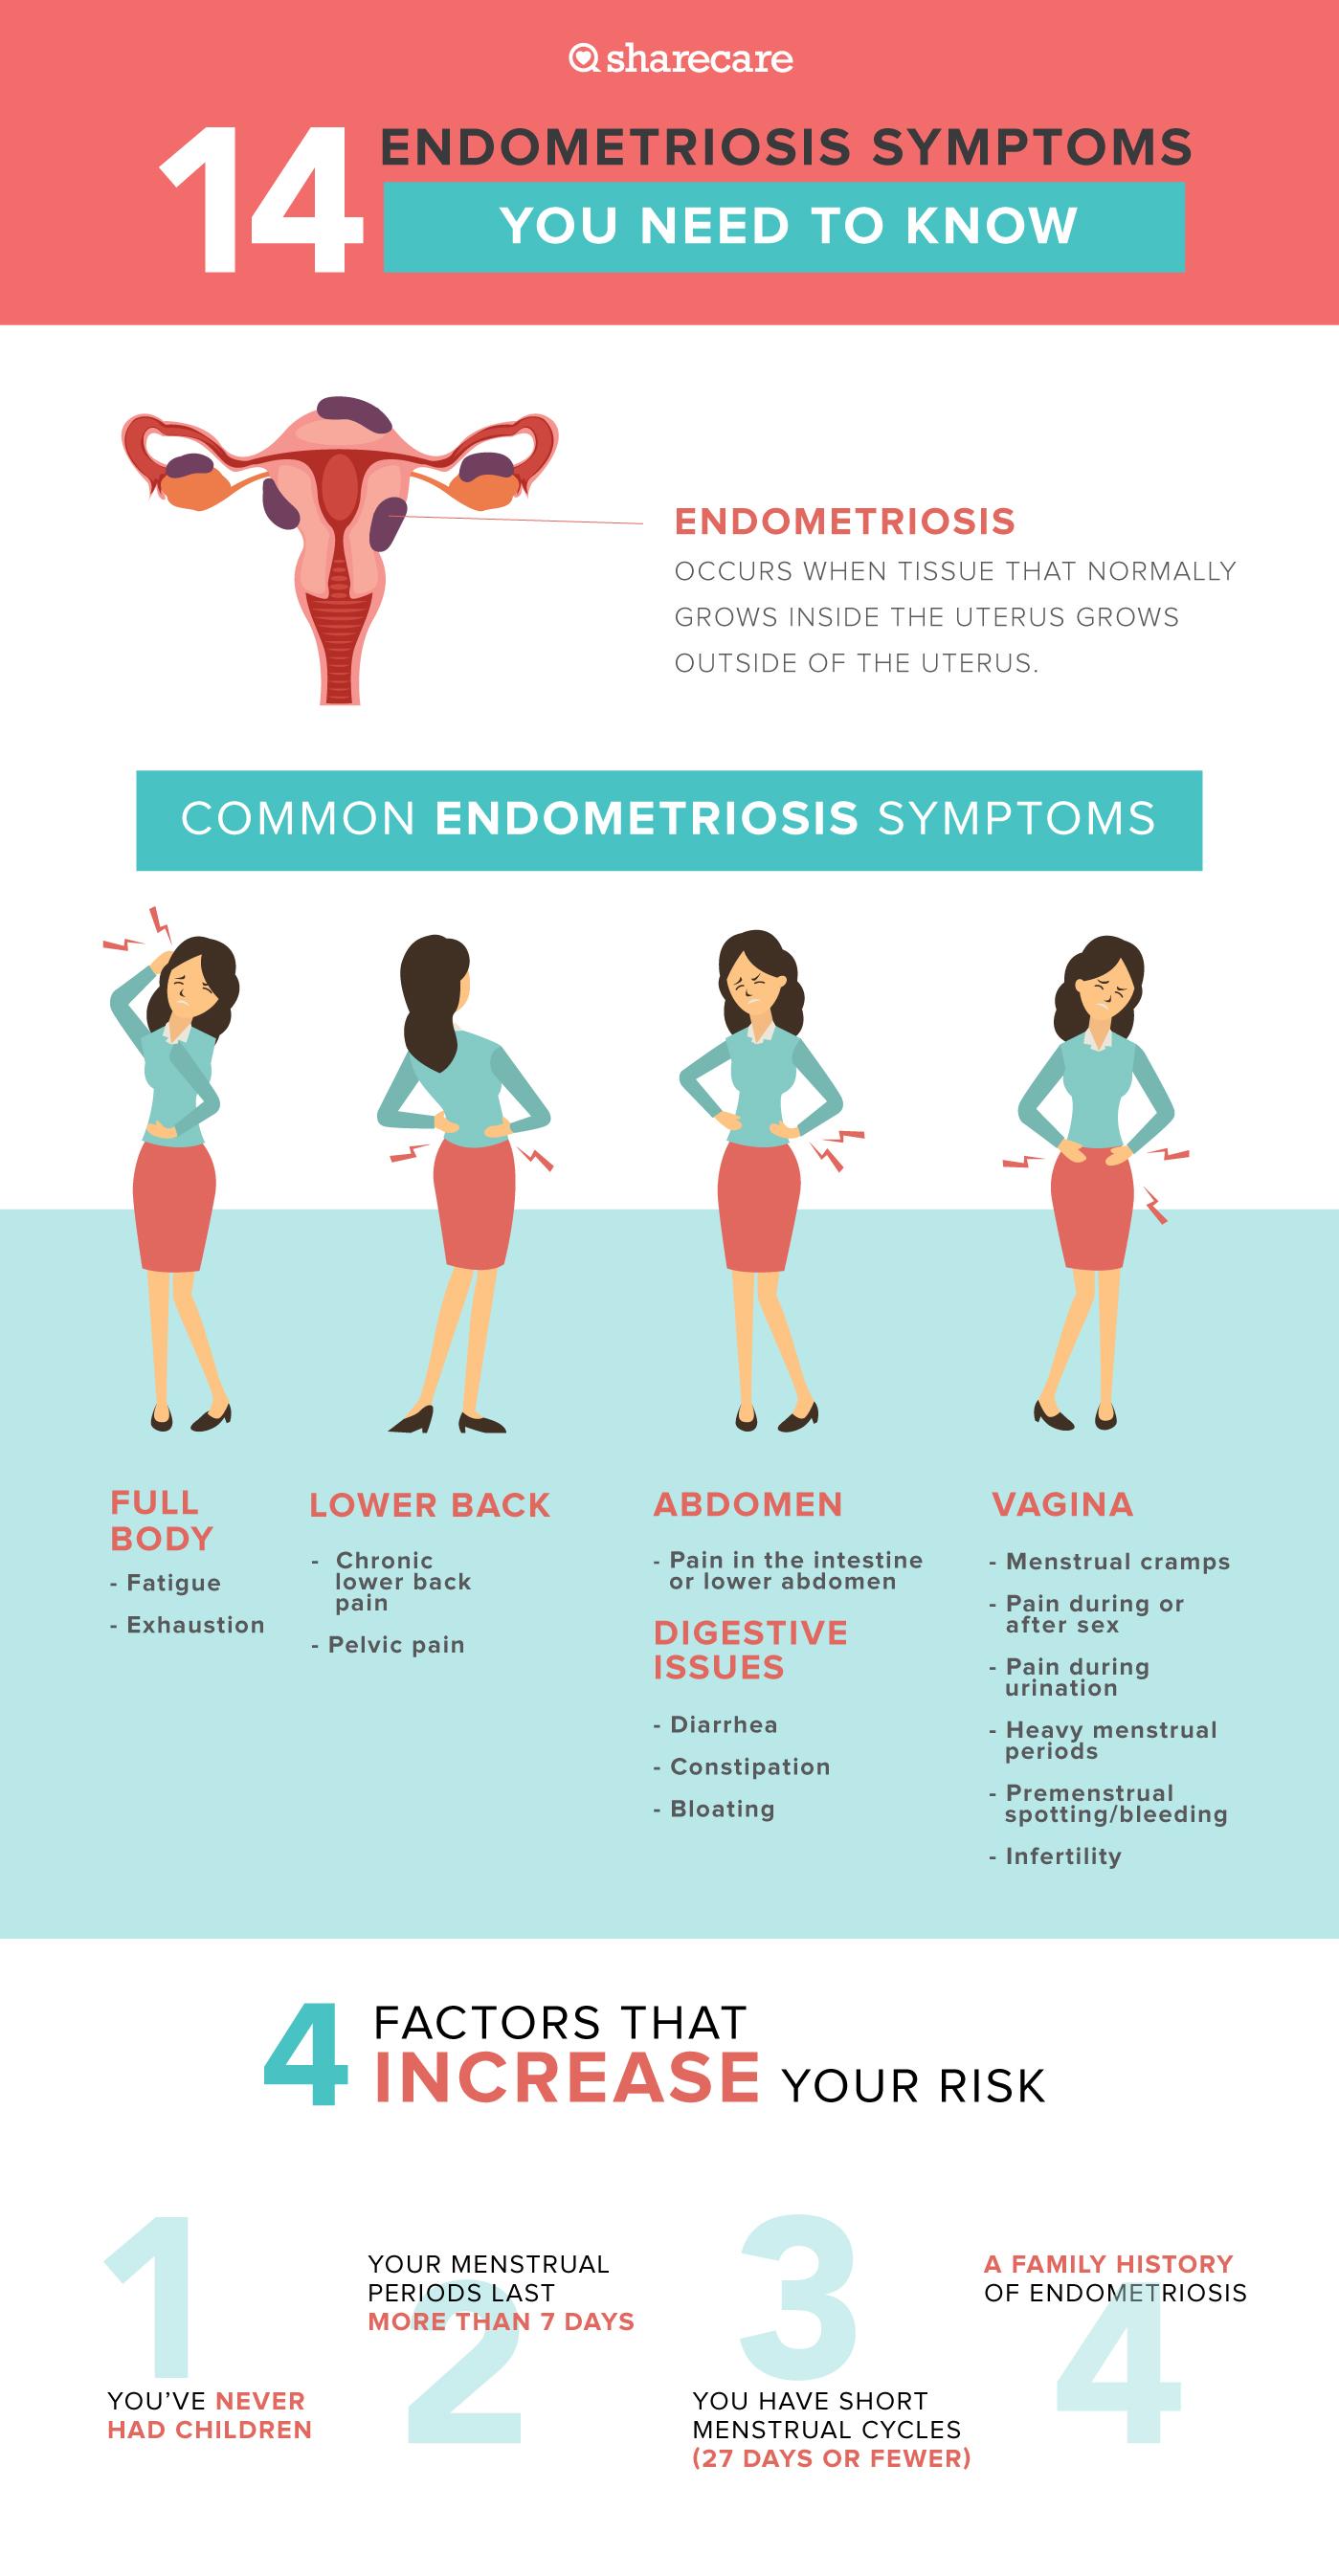 Endometriosis symptoms